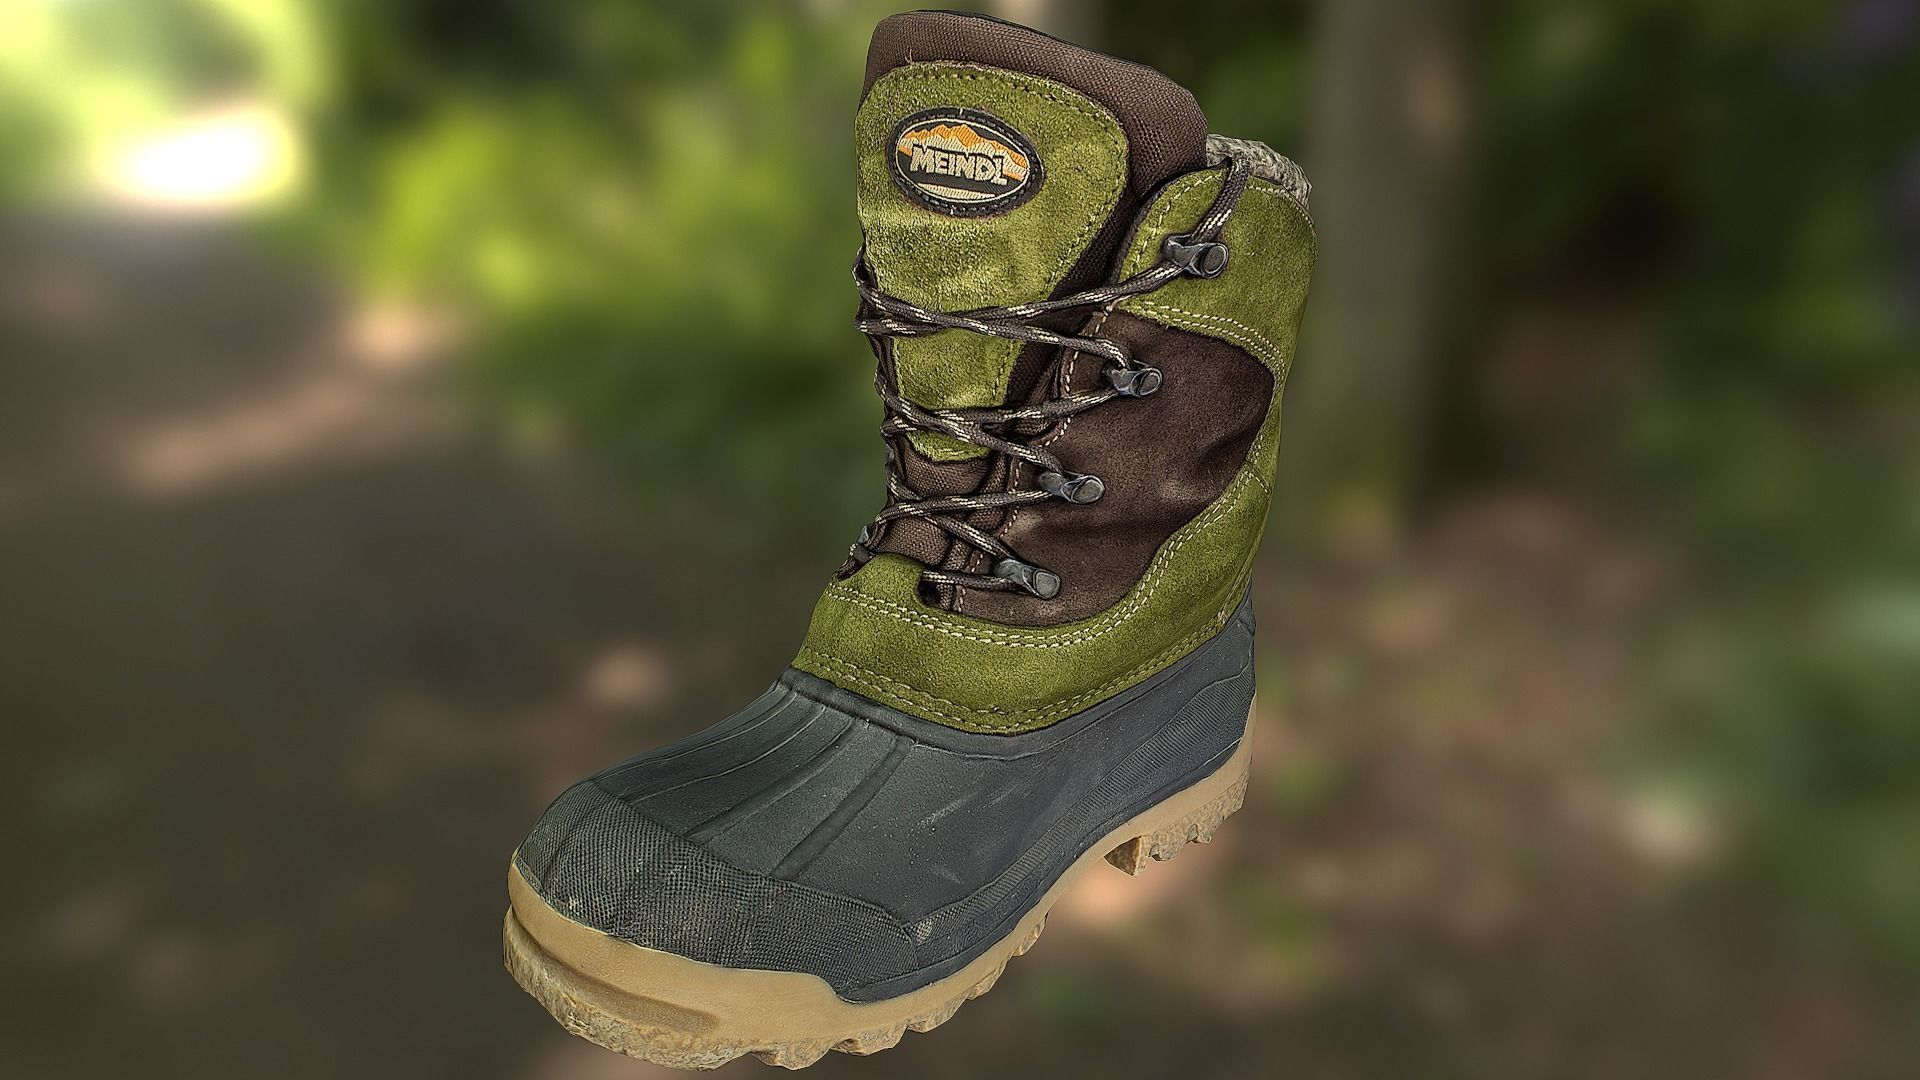 Boot 3D model low poly - footwear